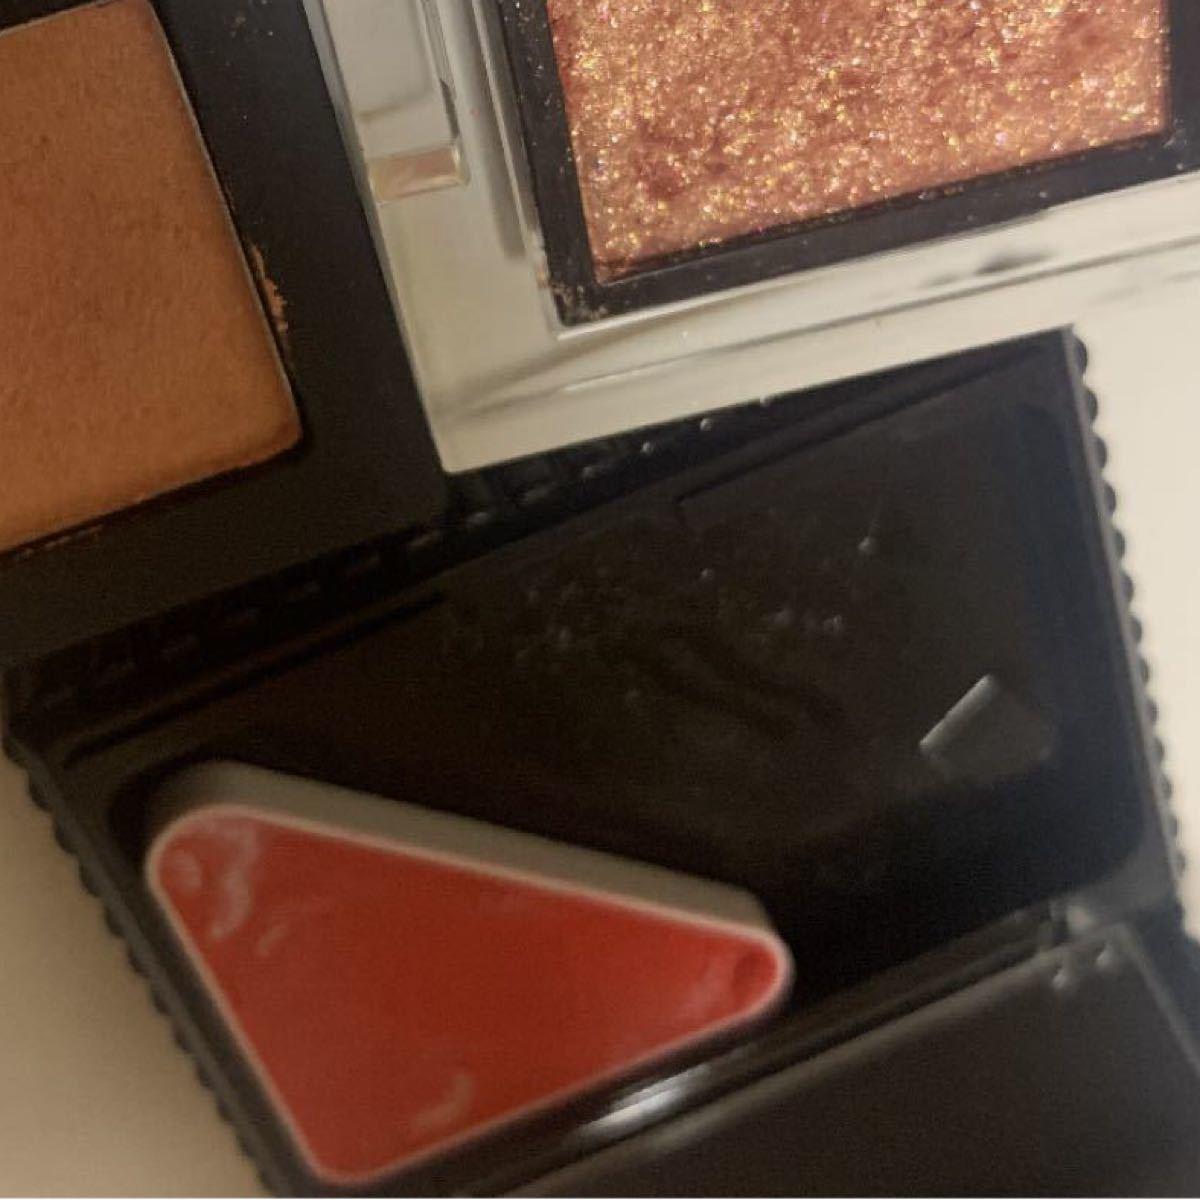 アイシャドウ コスメ 化粧品 ディオール 口紅 福袋 まとめ売り ブランドコスメ デパートコスメ デパコス セットイエローベース